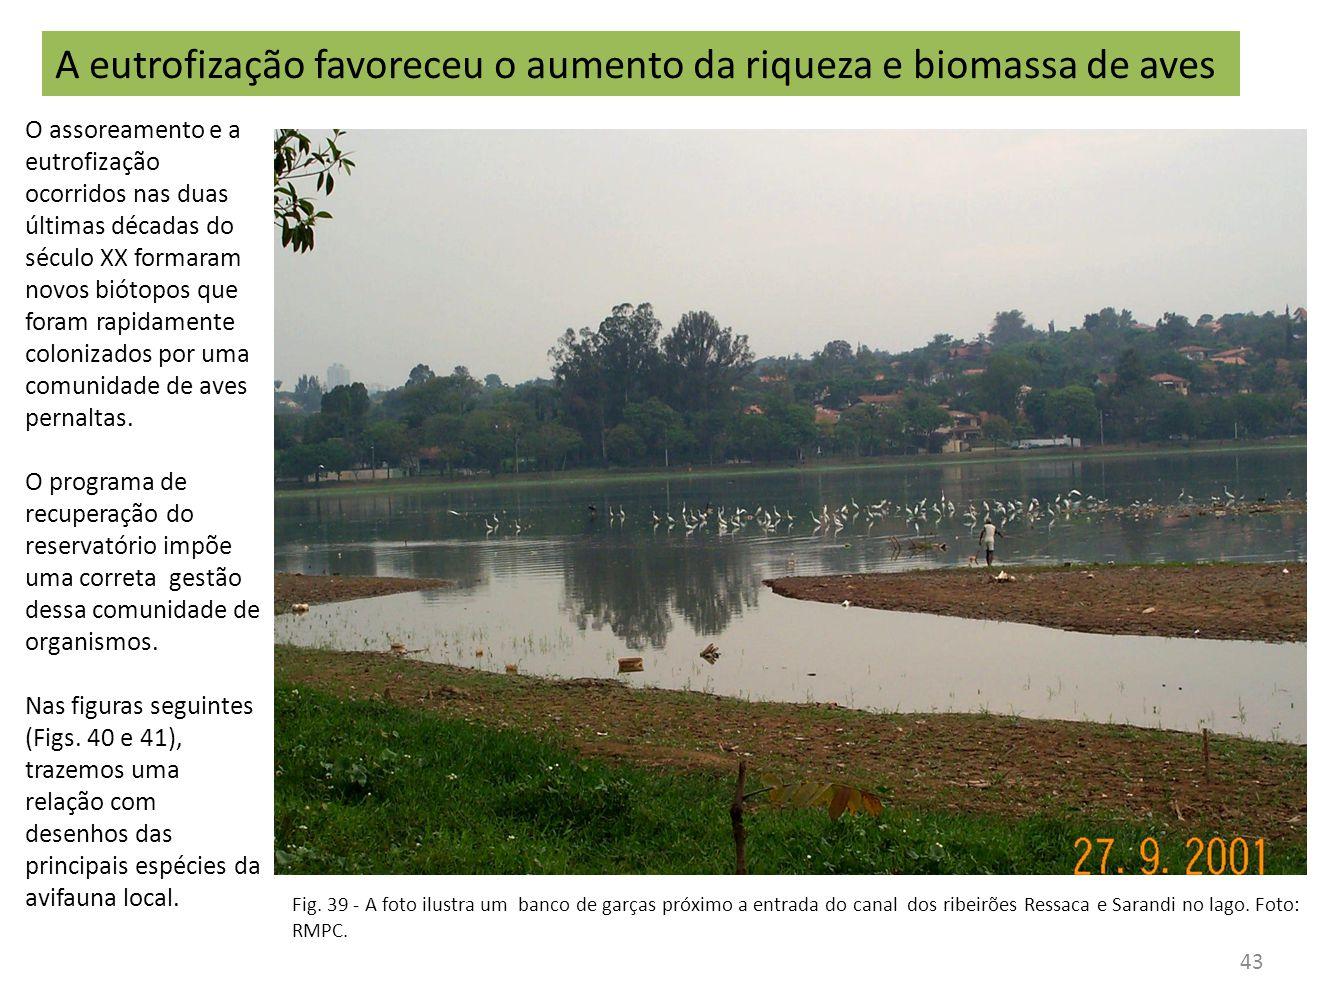 1 - Gallinula chloropus (Frango-d água-comum) 2 - Podilymbus podiceps (Mergulhão) - Plumagem reprodutiva 2a - Plumagem de descanso 3 - Tringa solitaria (Maçarico-solitário) 4 - Vanellus chilensis (Quero-quero) 5 - Jacana jacana (Jaçanã) - Adulto 5a - Jovem 6 - Phalacrocorax brasilianus (Biguá) 7 - Aramus guarauna (Carão) 8 - Dendrocygna bicolor (Marreca-caneleira) 9 - Dendrocygna viduata (Irerê) 10 - Dendrocygna autumnalis (Asa-branca) 11 - Netta erythrophthalma (Paturi-preta) 12 - Amazonetta brasiliensis (Ananaí) 13 - Casmerodius albus (Garça-branca-grande) 14 - Egretta thula (Garça-branca-pequena) 15 - Nycticorax nycticorax (Savacu) 16 - Butorides striatus (Socozinho) 17 - Tringa flavipes (Maçarico-de-perna-amarela) 44 Aves pernaltas encontradas na represa da Pampulha (2001).